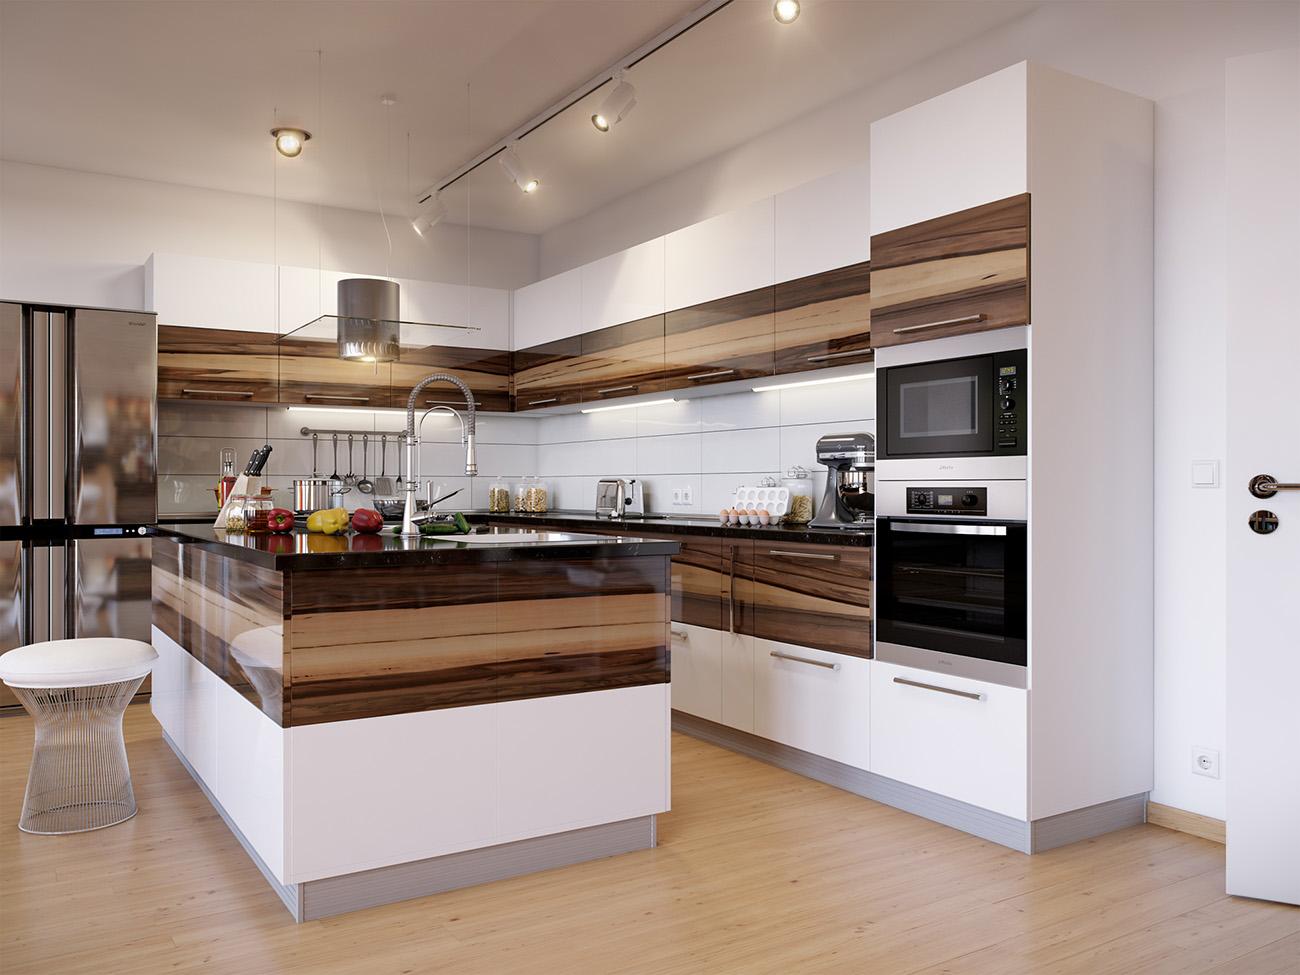 Современные кухни в интерьере фото